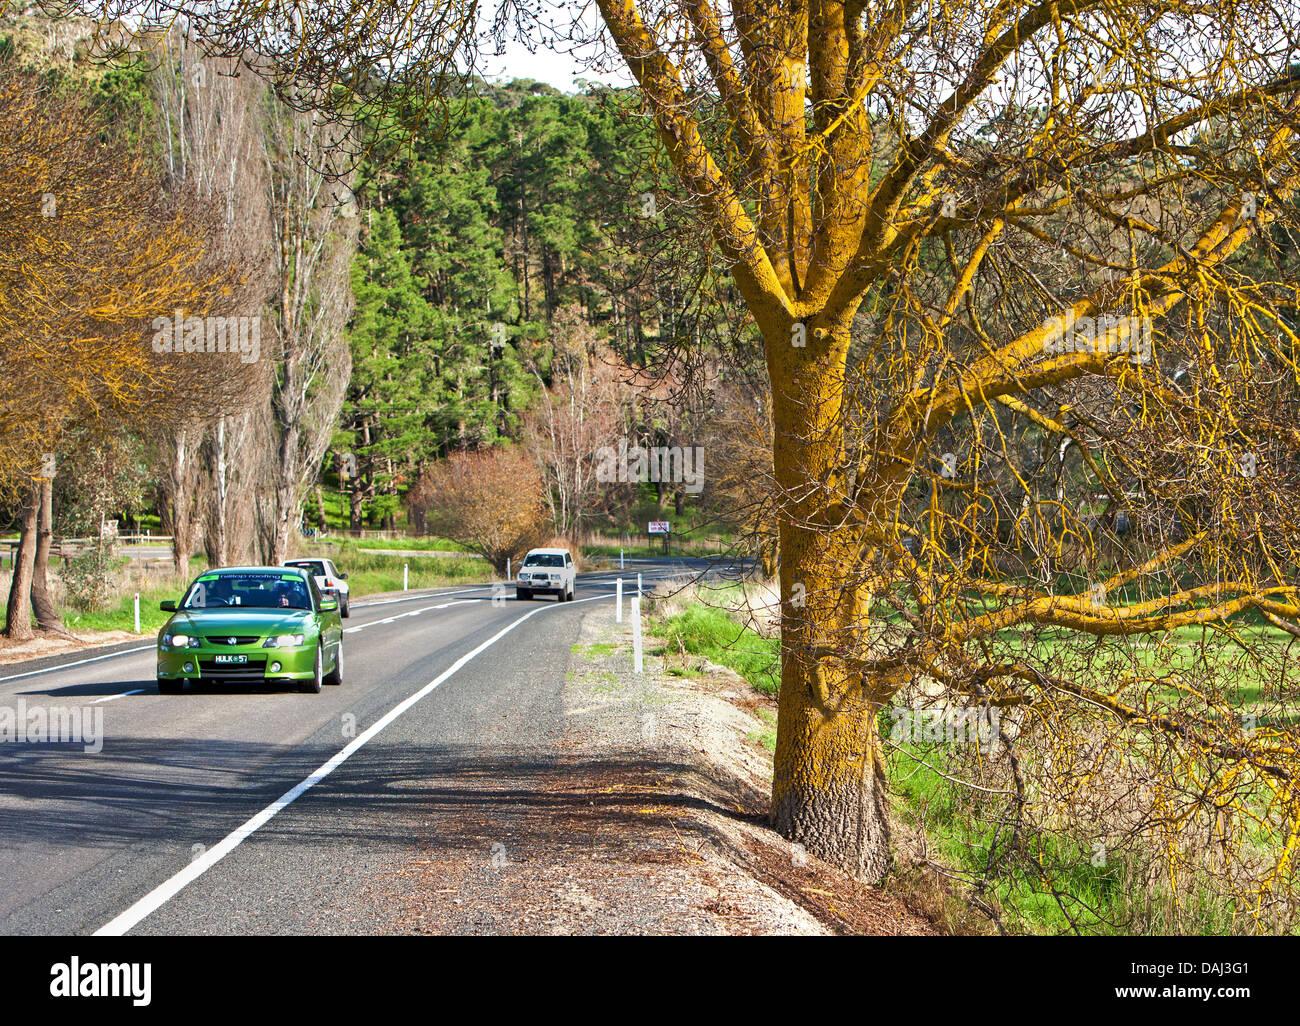 Alberi giallo rurale lichen tronco rami vetture su strada lato paese Fleurieu Peninsula South Australia Australian Immagini Stock